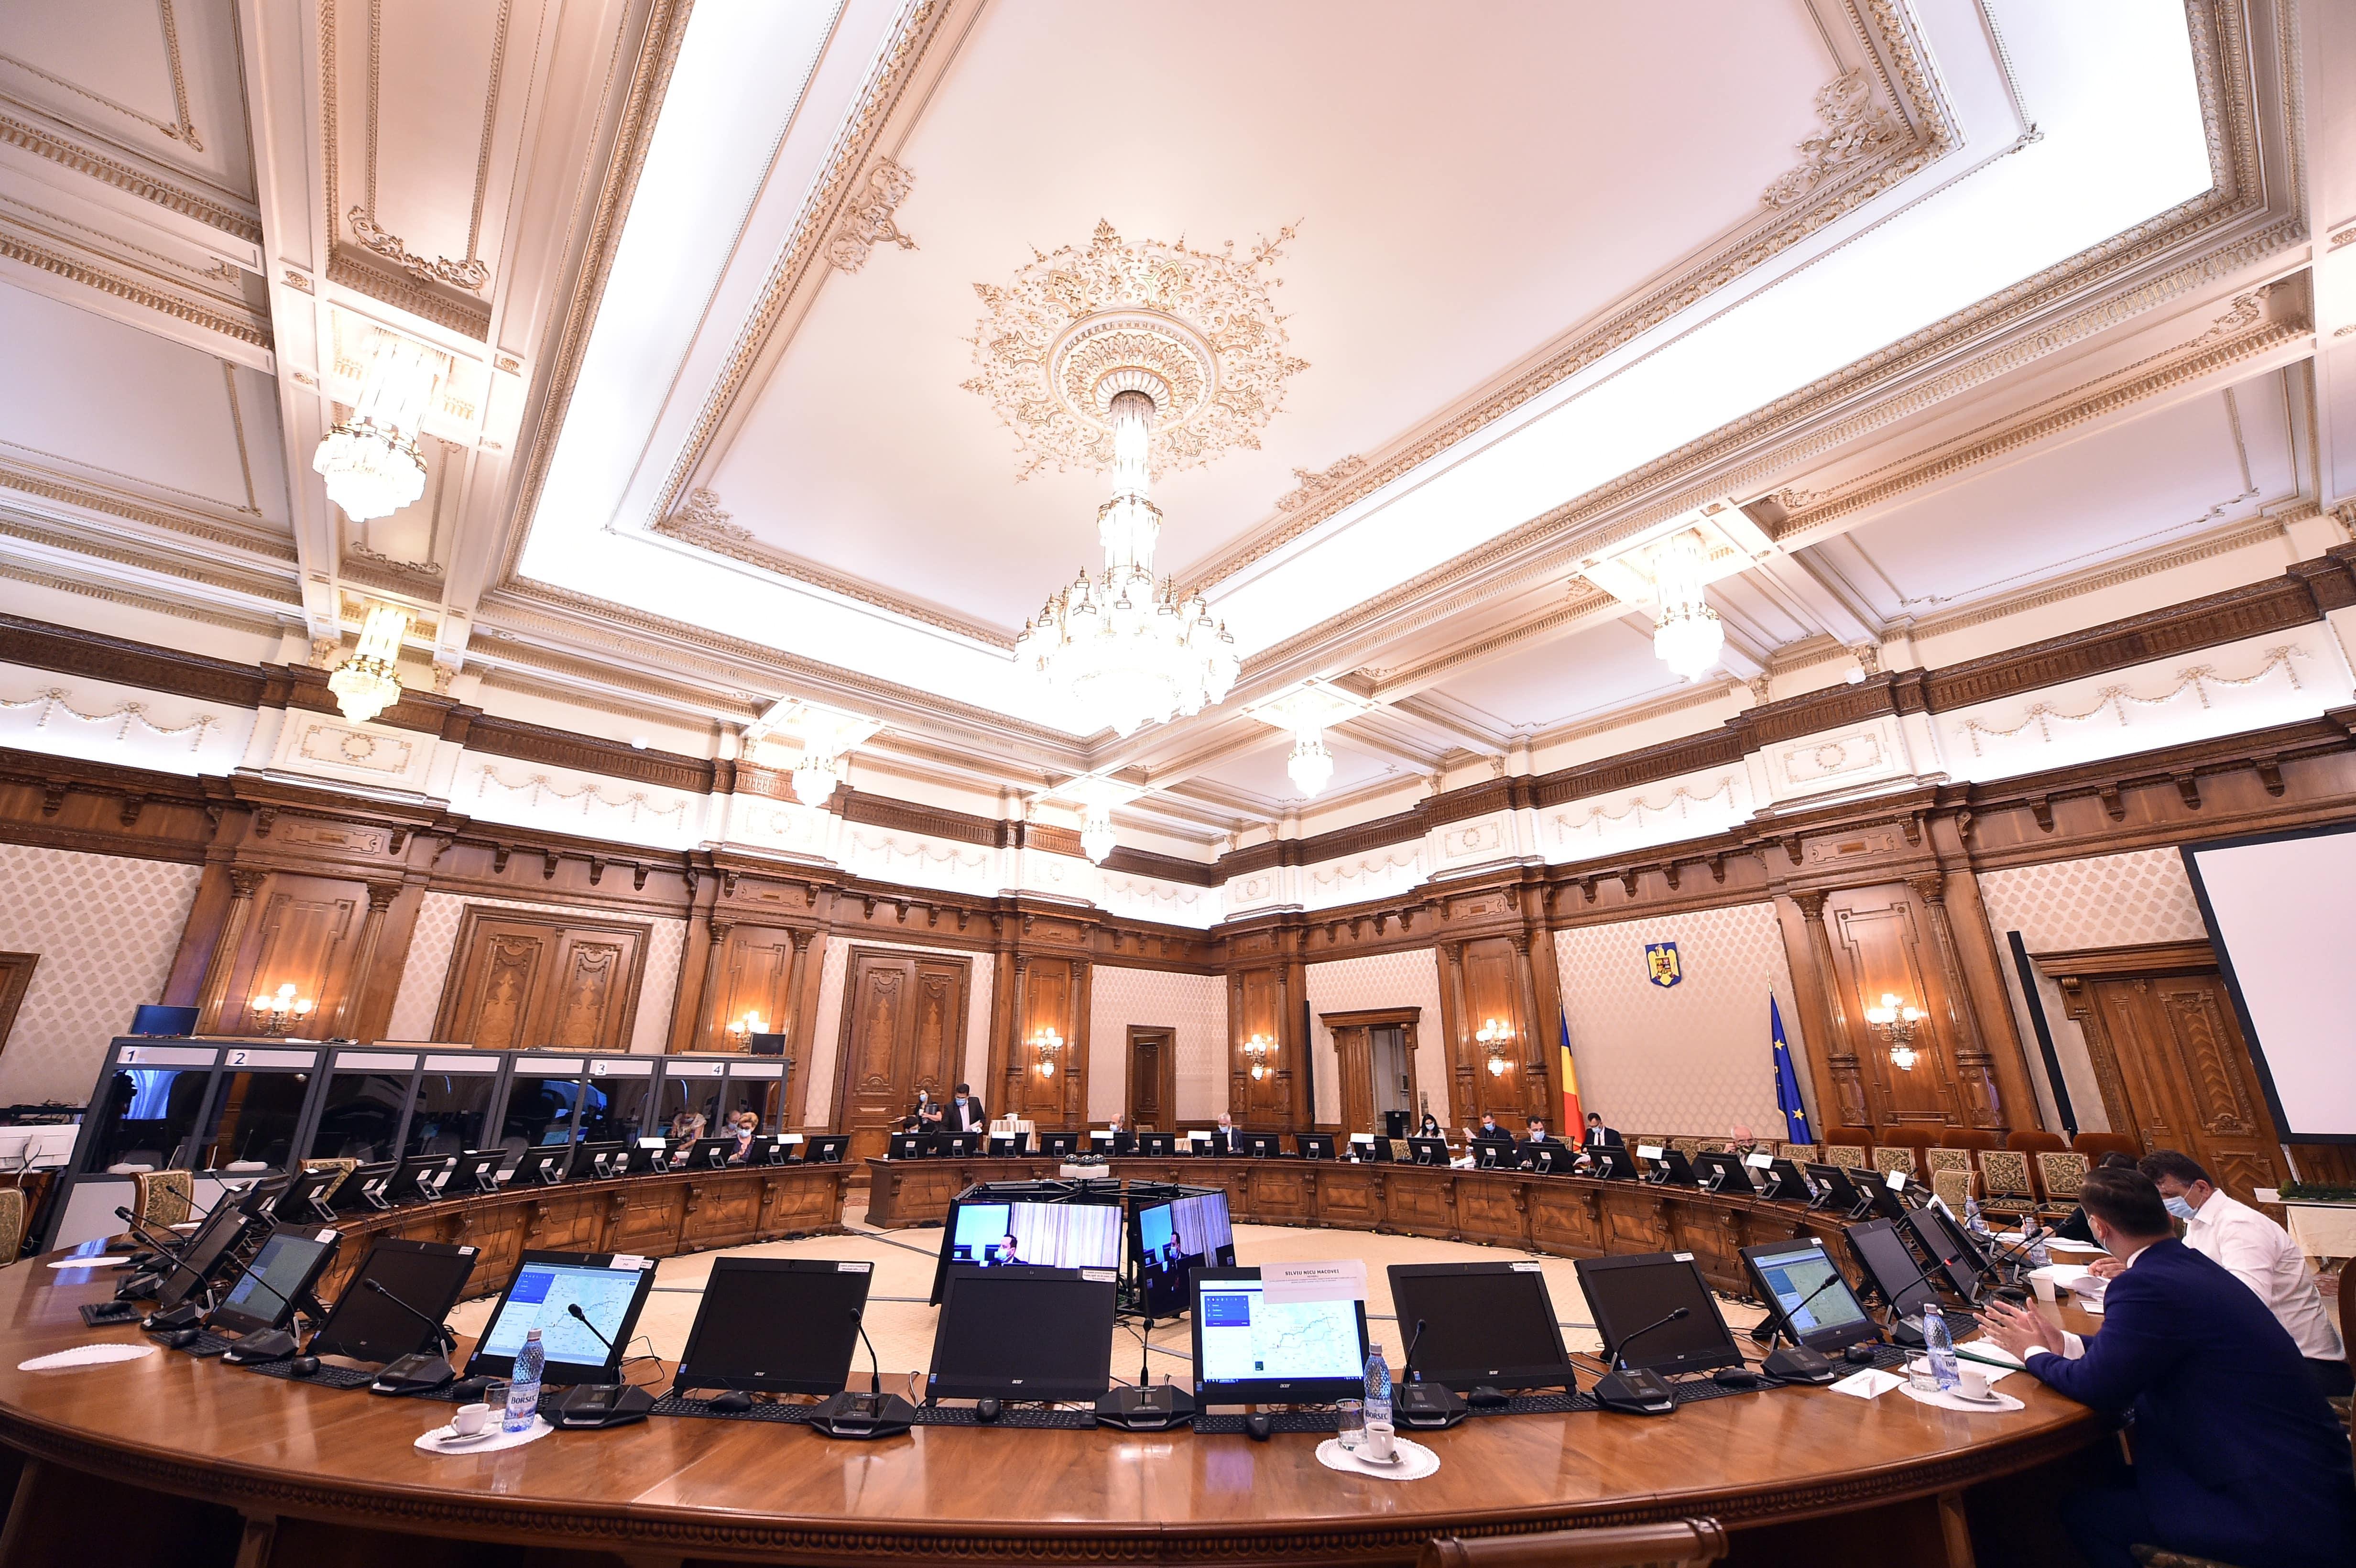 Cum și-au împărțit partidele parlamentare șefiile comisiilor. PSD a primit cele mai multe